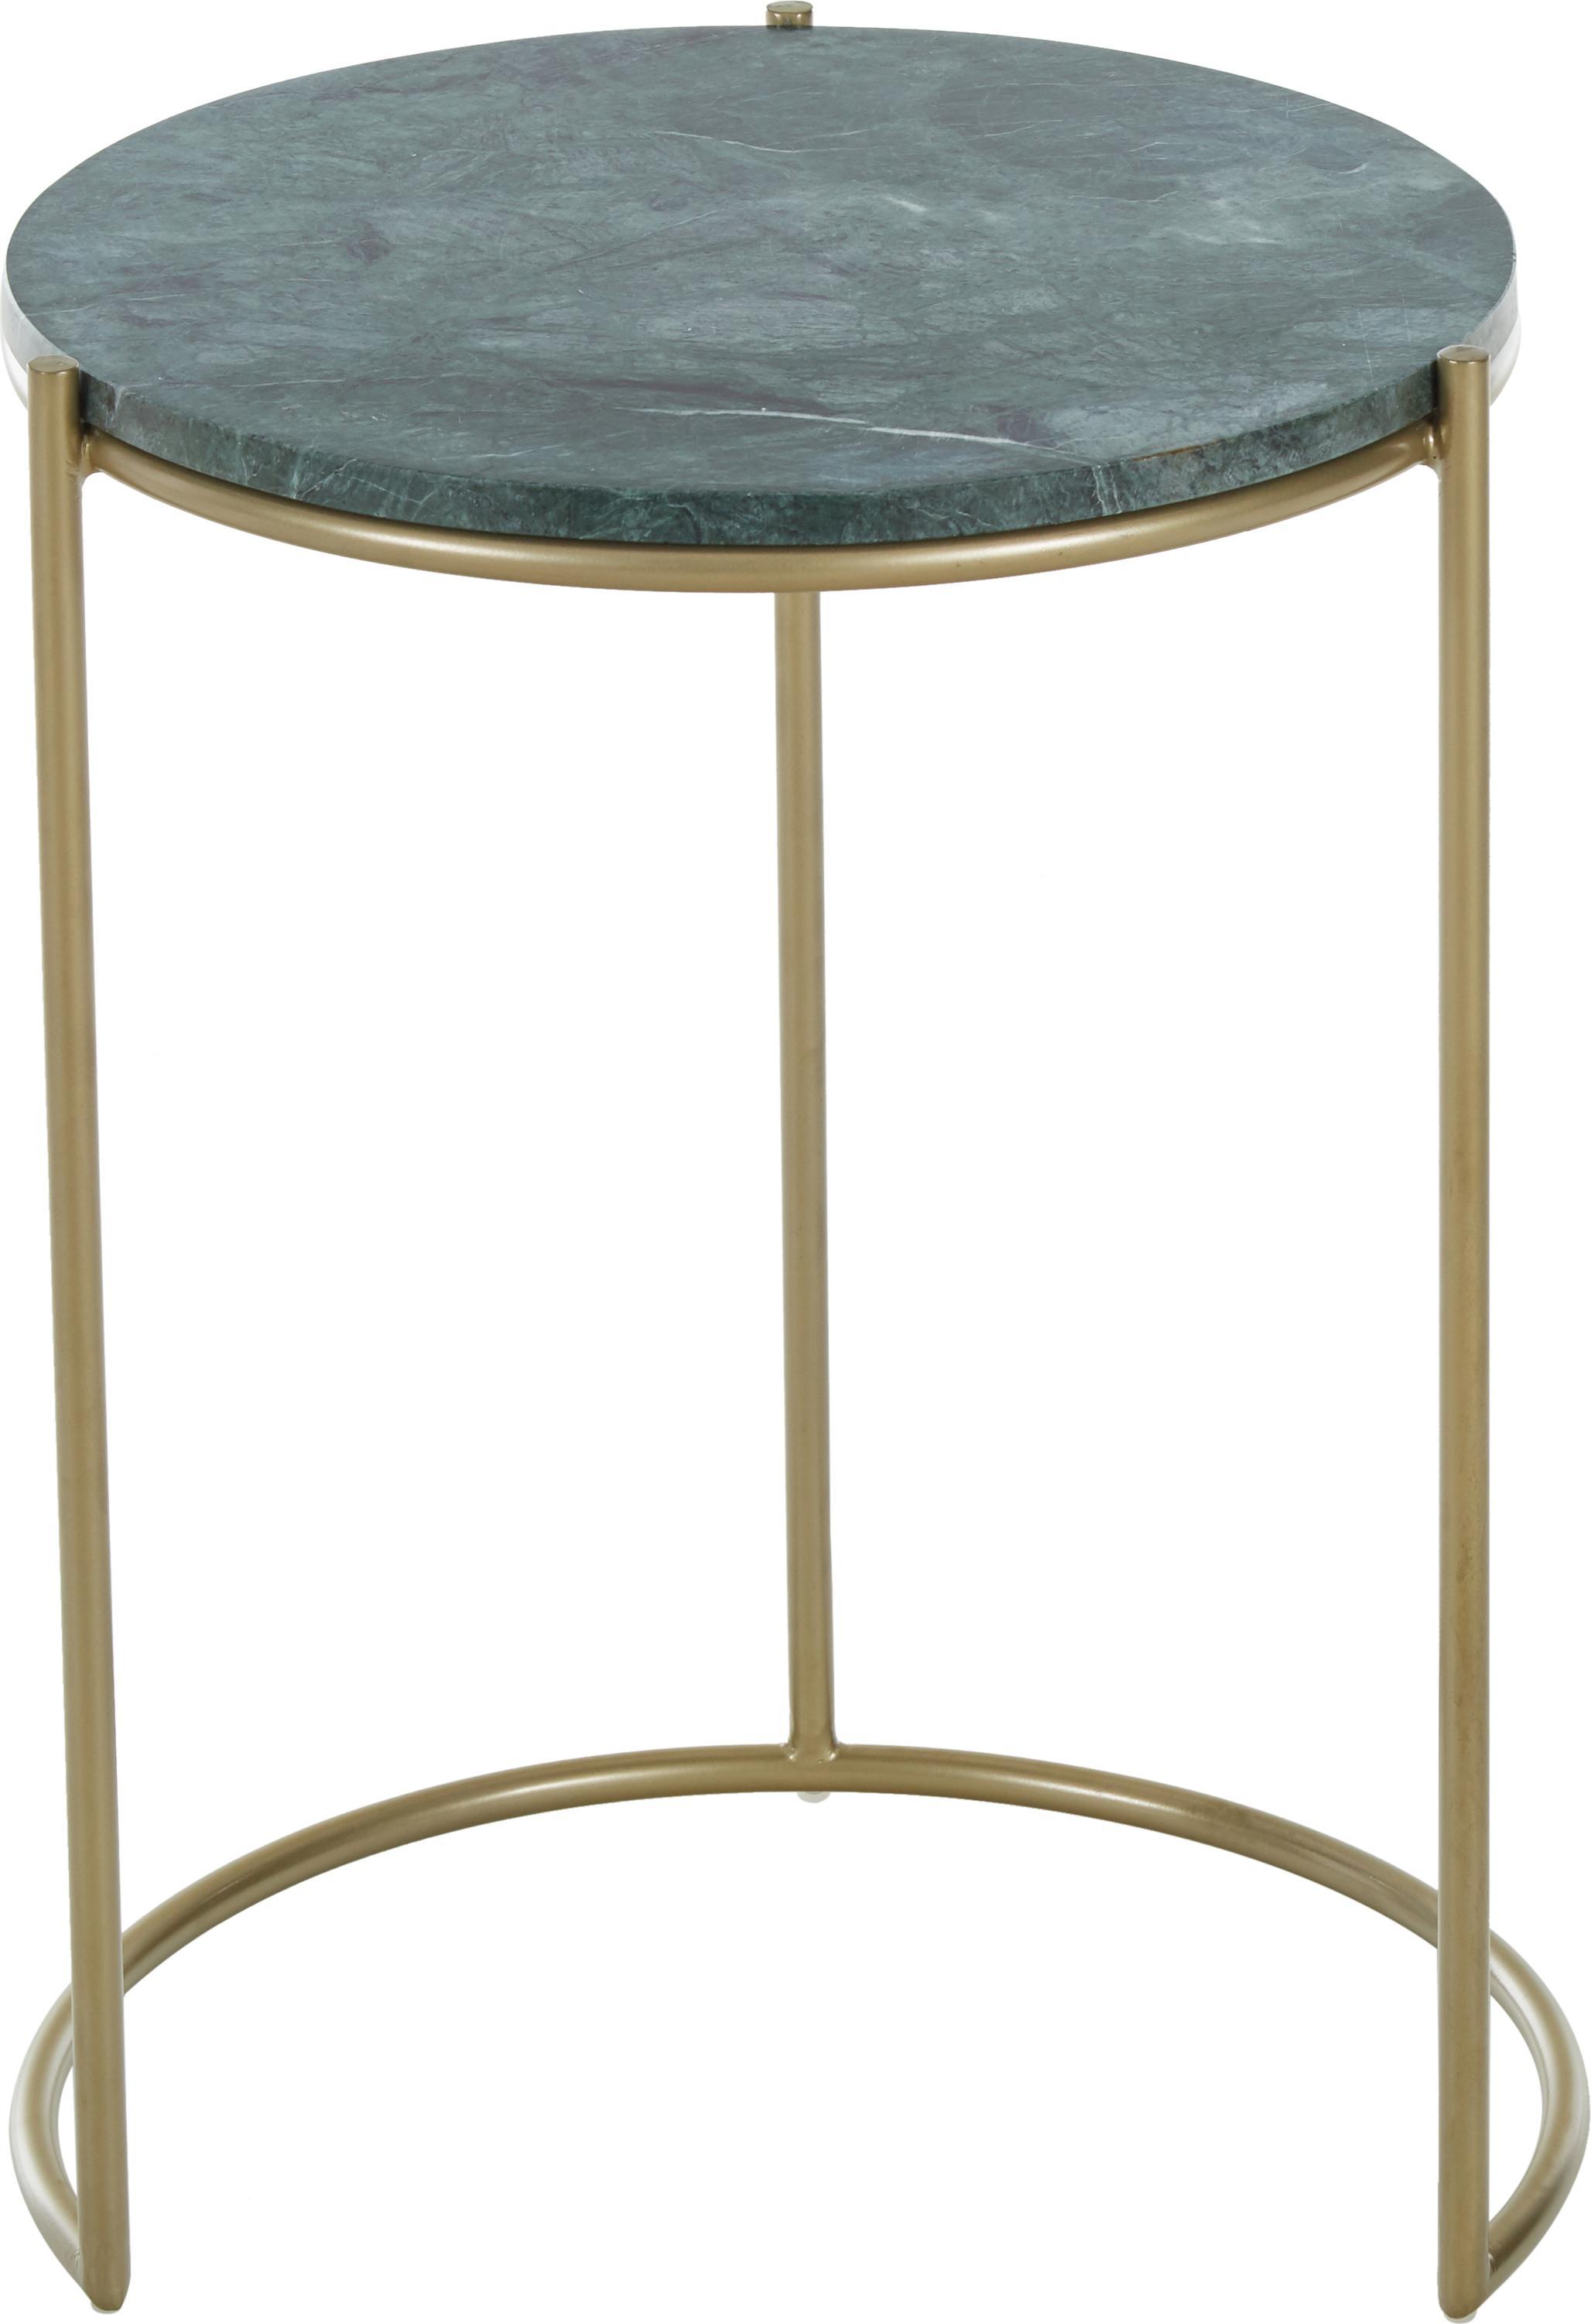 Marmor-Beistelltisch-Set Ella, Tischplatten: Grüner Marmor Gestelle: Goldfarben, matt, Sondergrößen